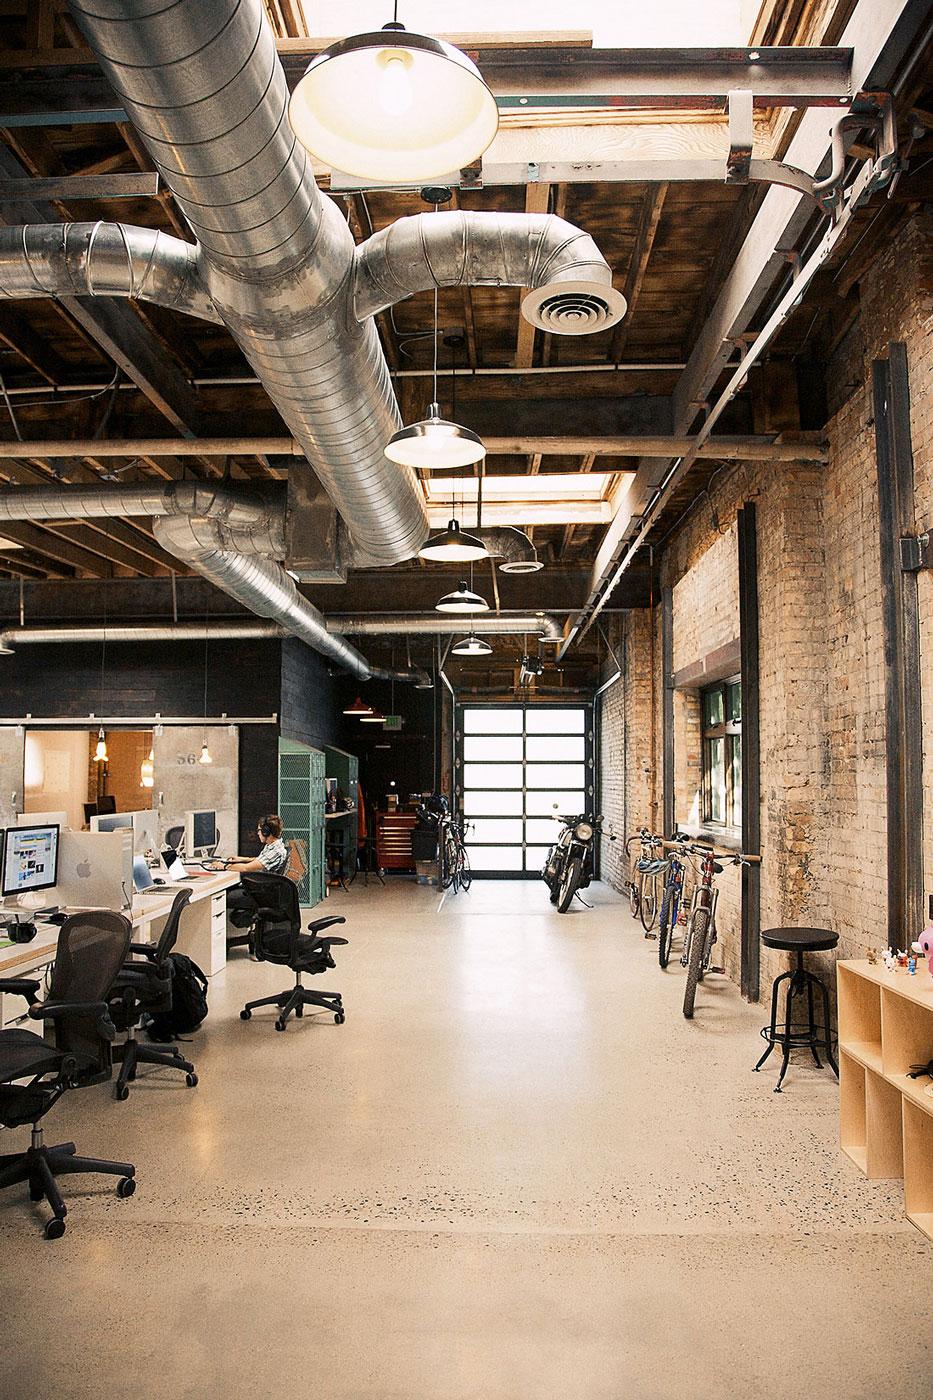 12 เทคนิคตกแต่งออฟฟิศเล็กให้ดูใหญ่ ถูกใจ SME และ home office 16 - Co-Working Space